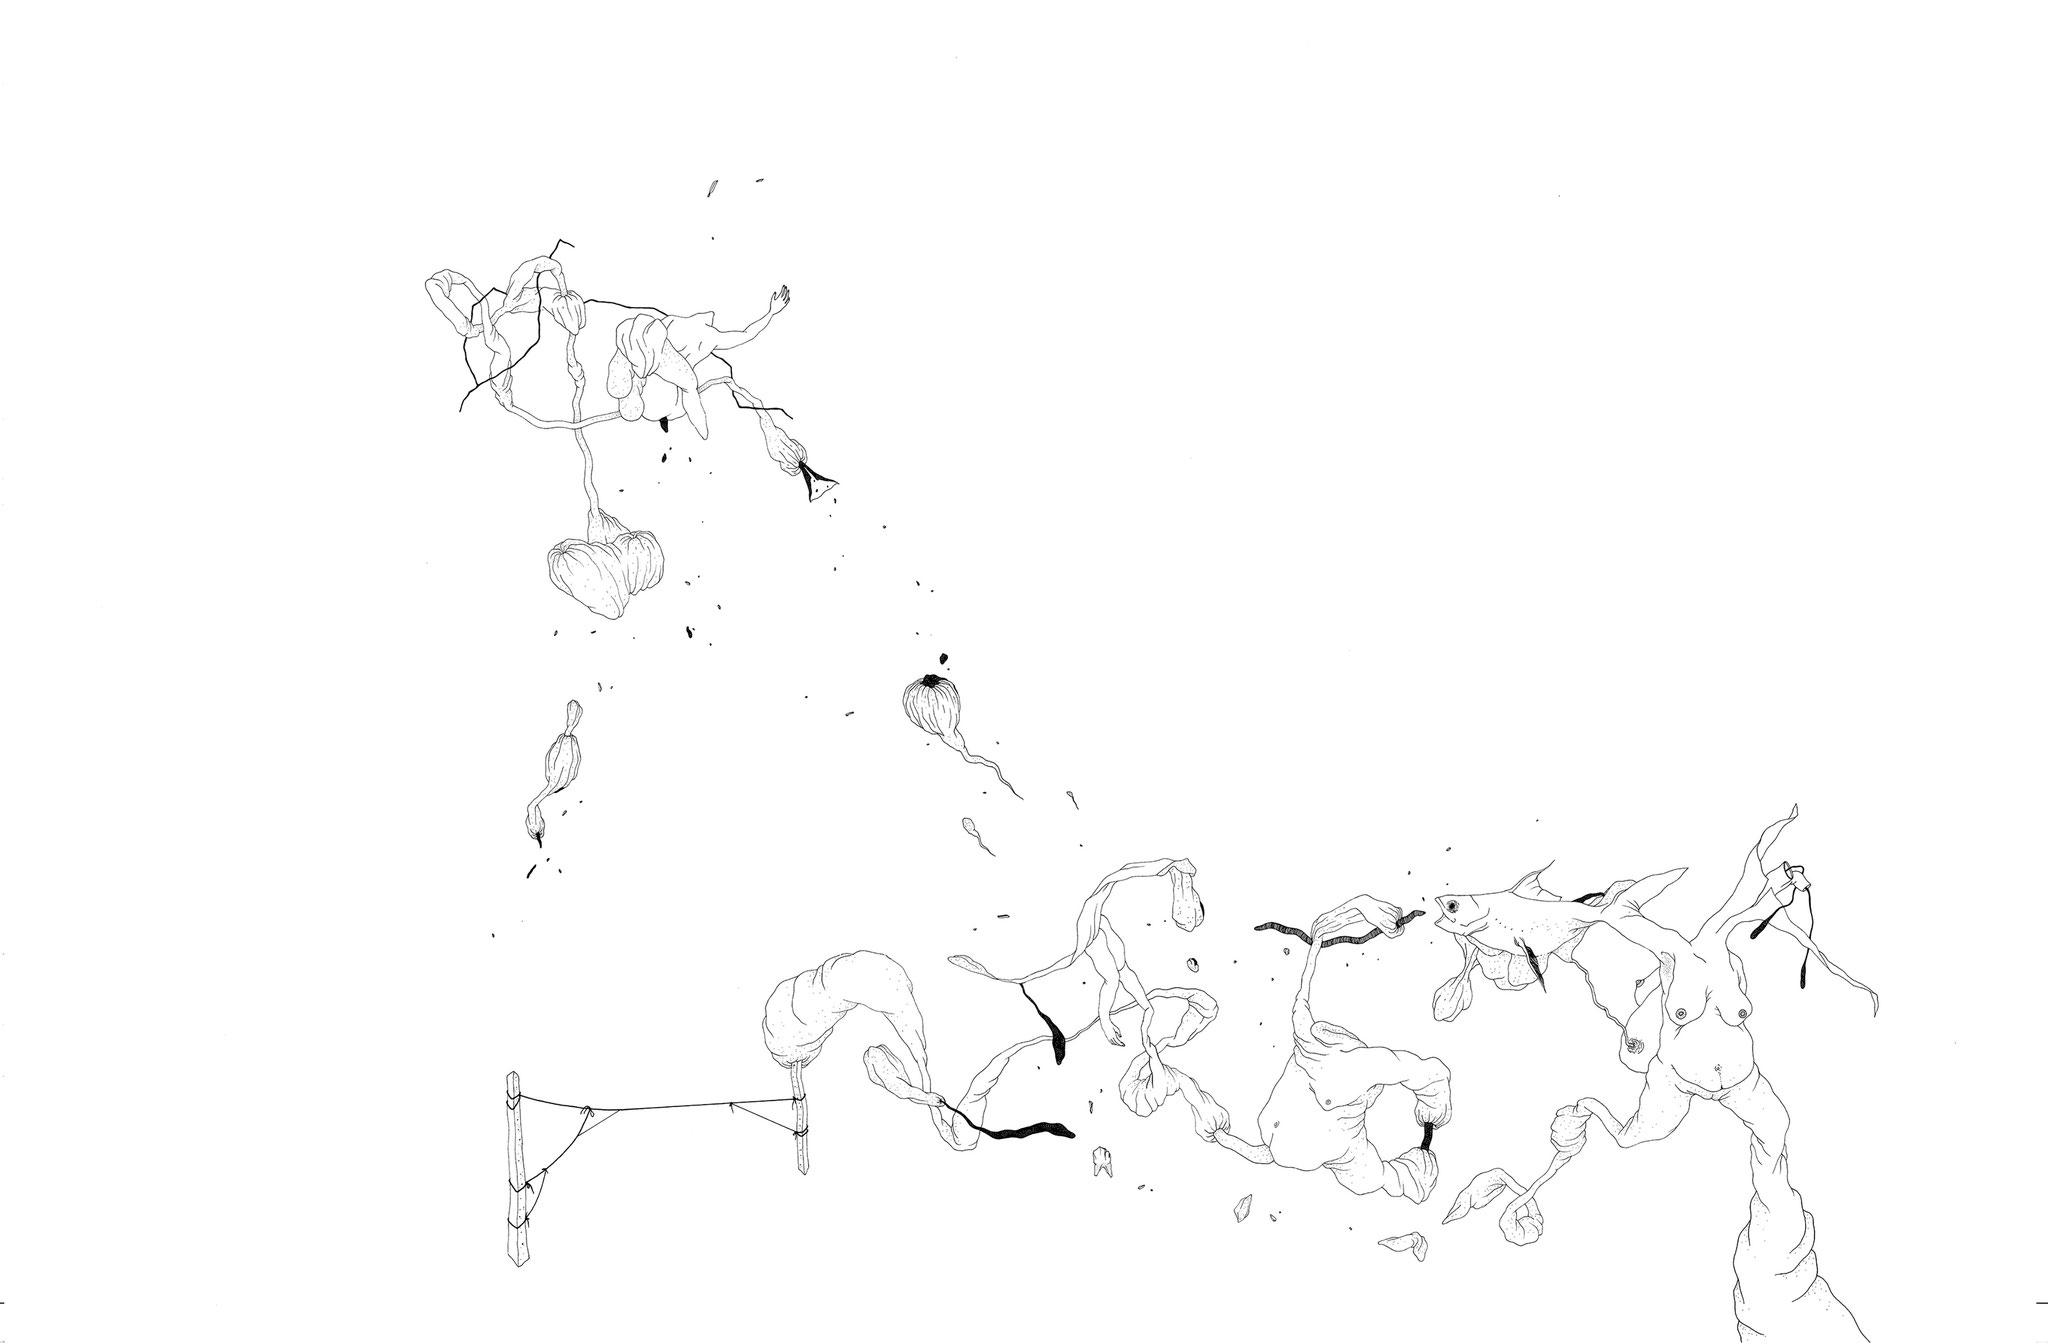 La Danse (Pangasius), 2018. Plume et encre, rotring sur papier, 73 x 110 cm